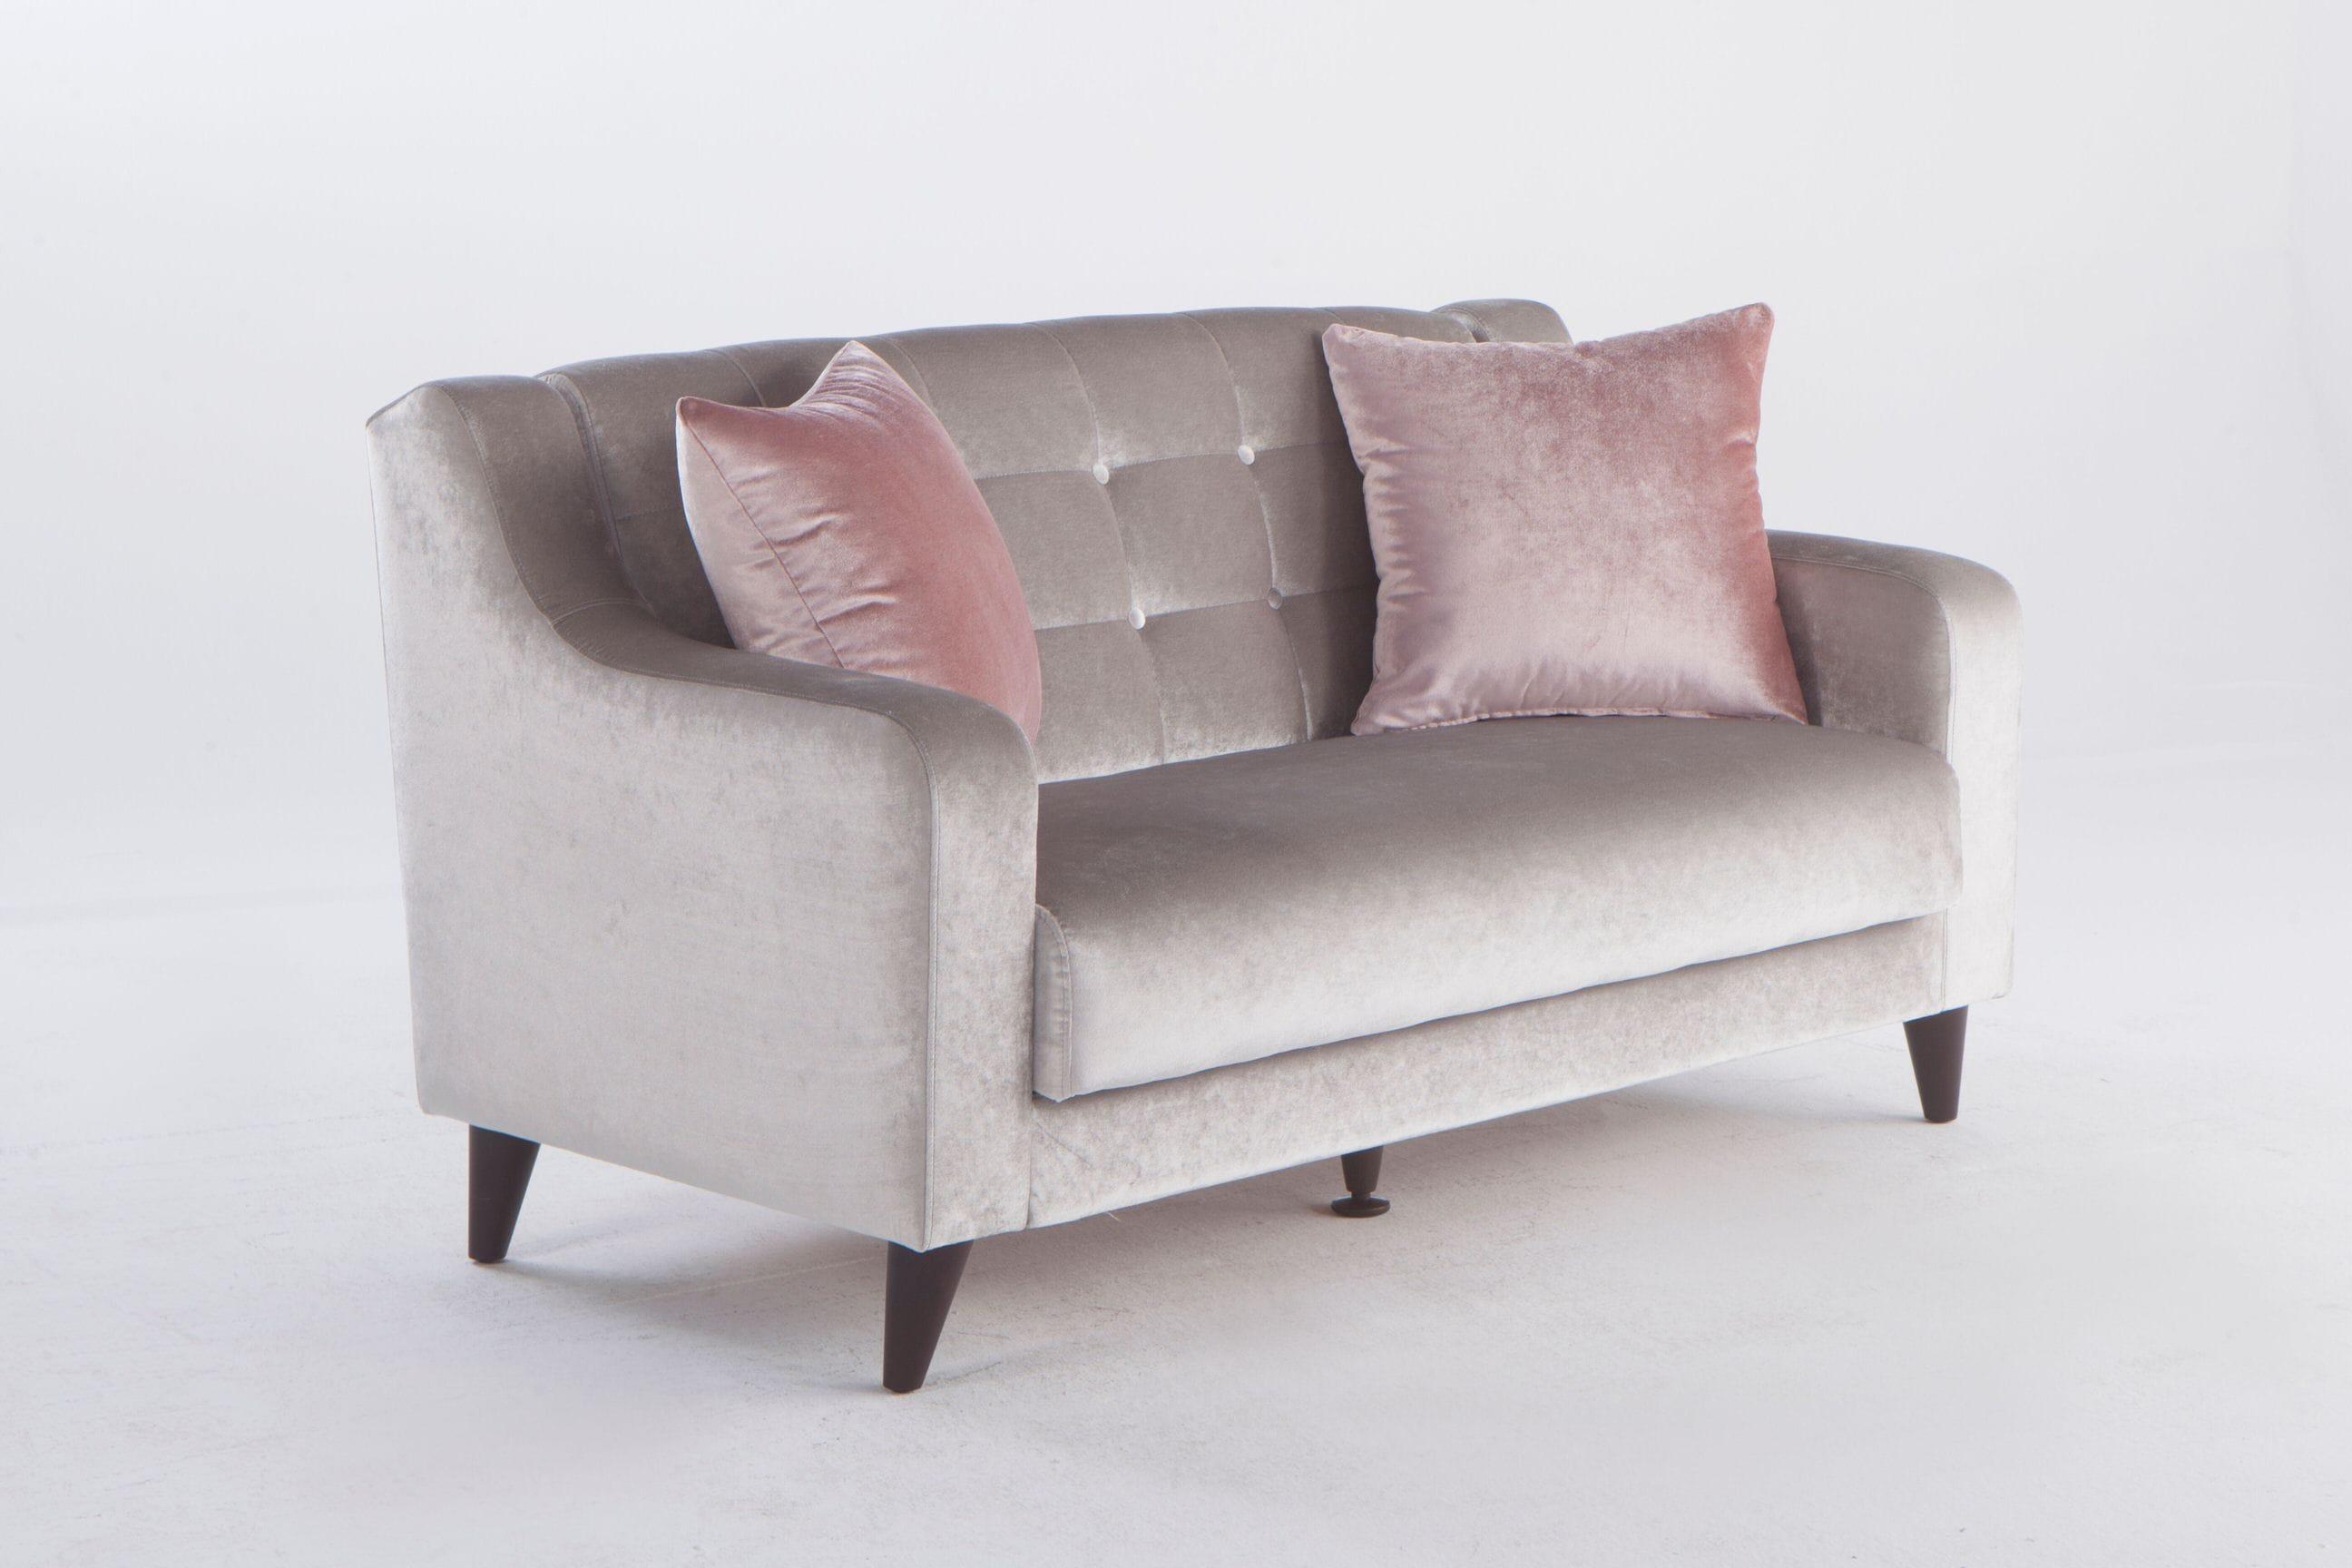 Brilliant Blair Deha Grey Sofa Love Chair Set By Istikbal Furniture Machost Co Dining Chair Design Ideas Machostcouk